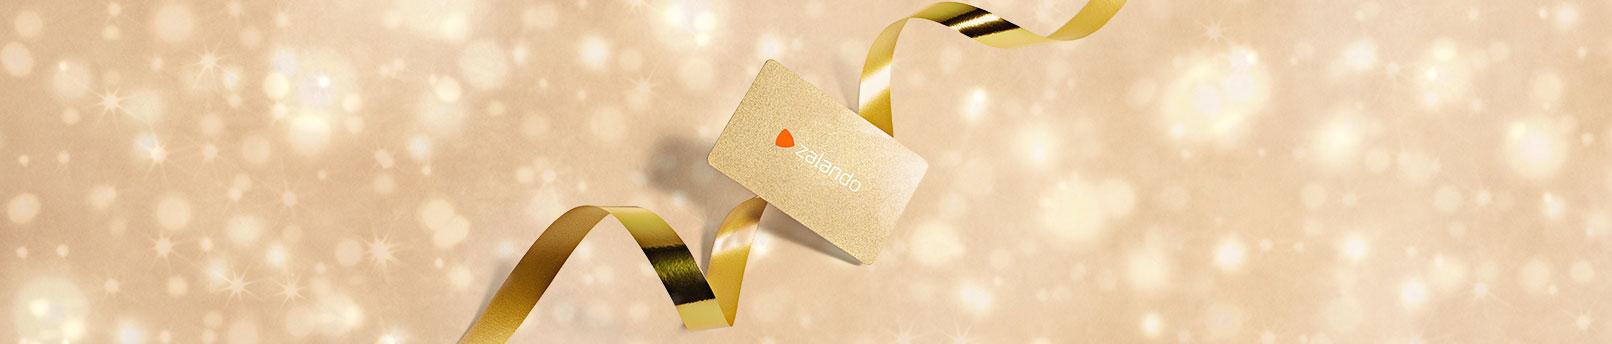 Cadeaubonnen voor kerst